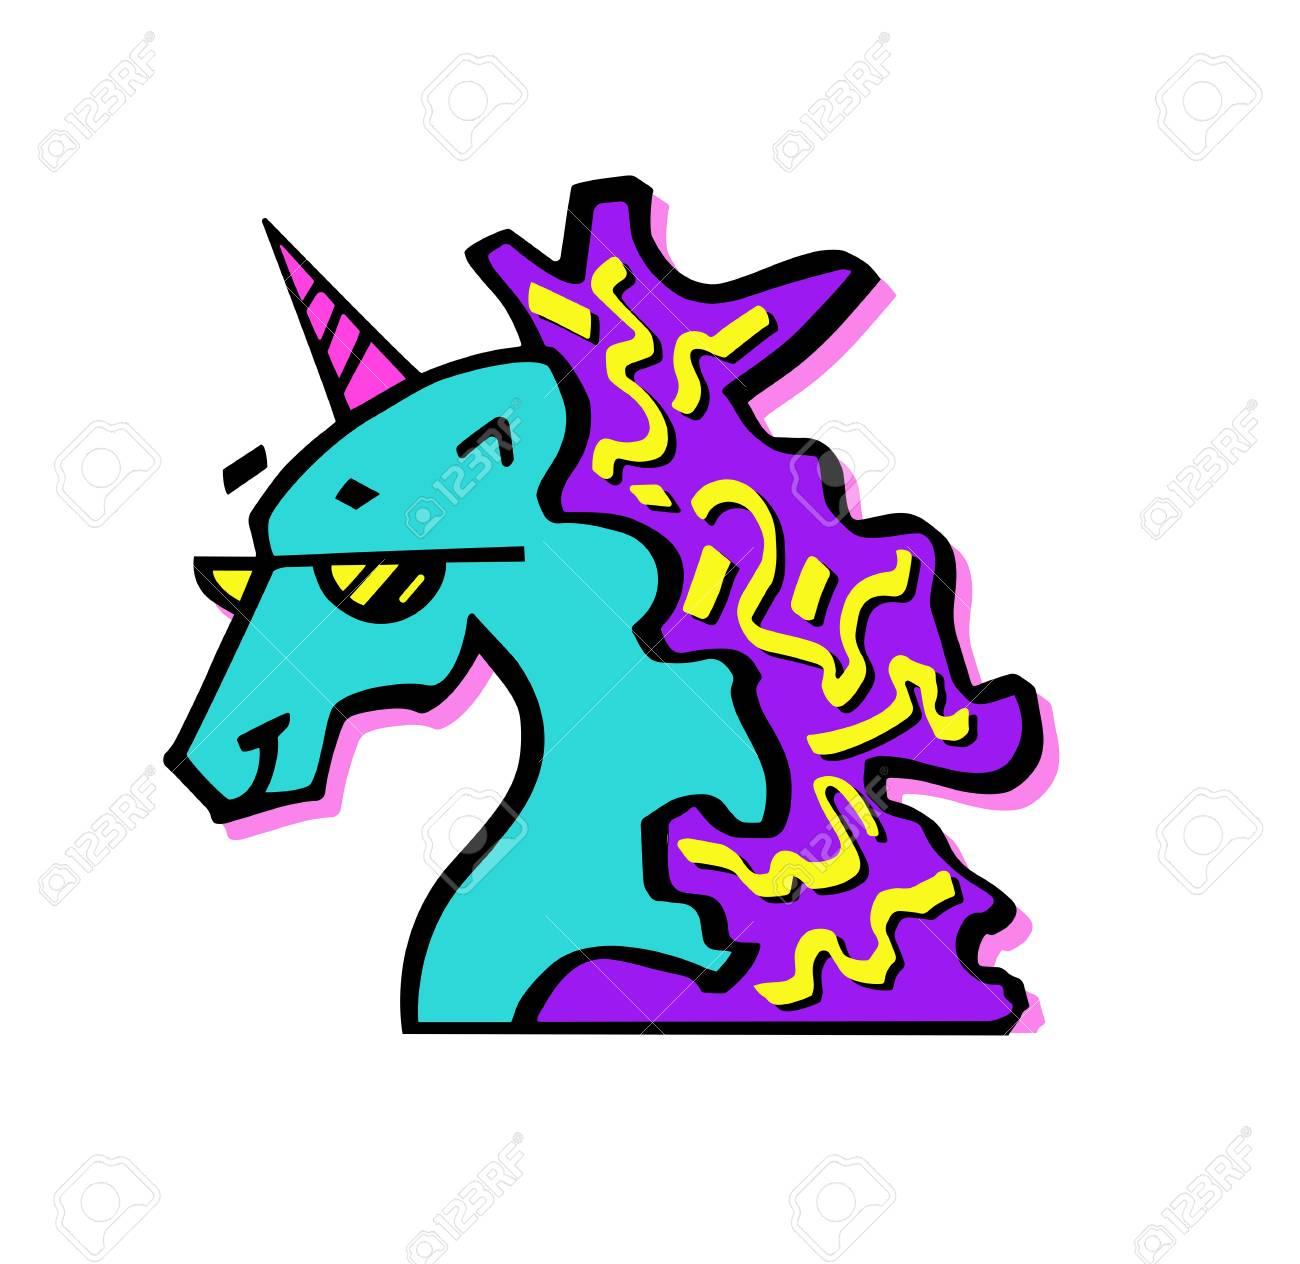 Ilustración Colorida De La Cabeza Del Unicornio Mágico En Vidrios Unicornio Para Tarjeta De Invitación Boleto Marca Etiqueta